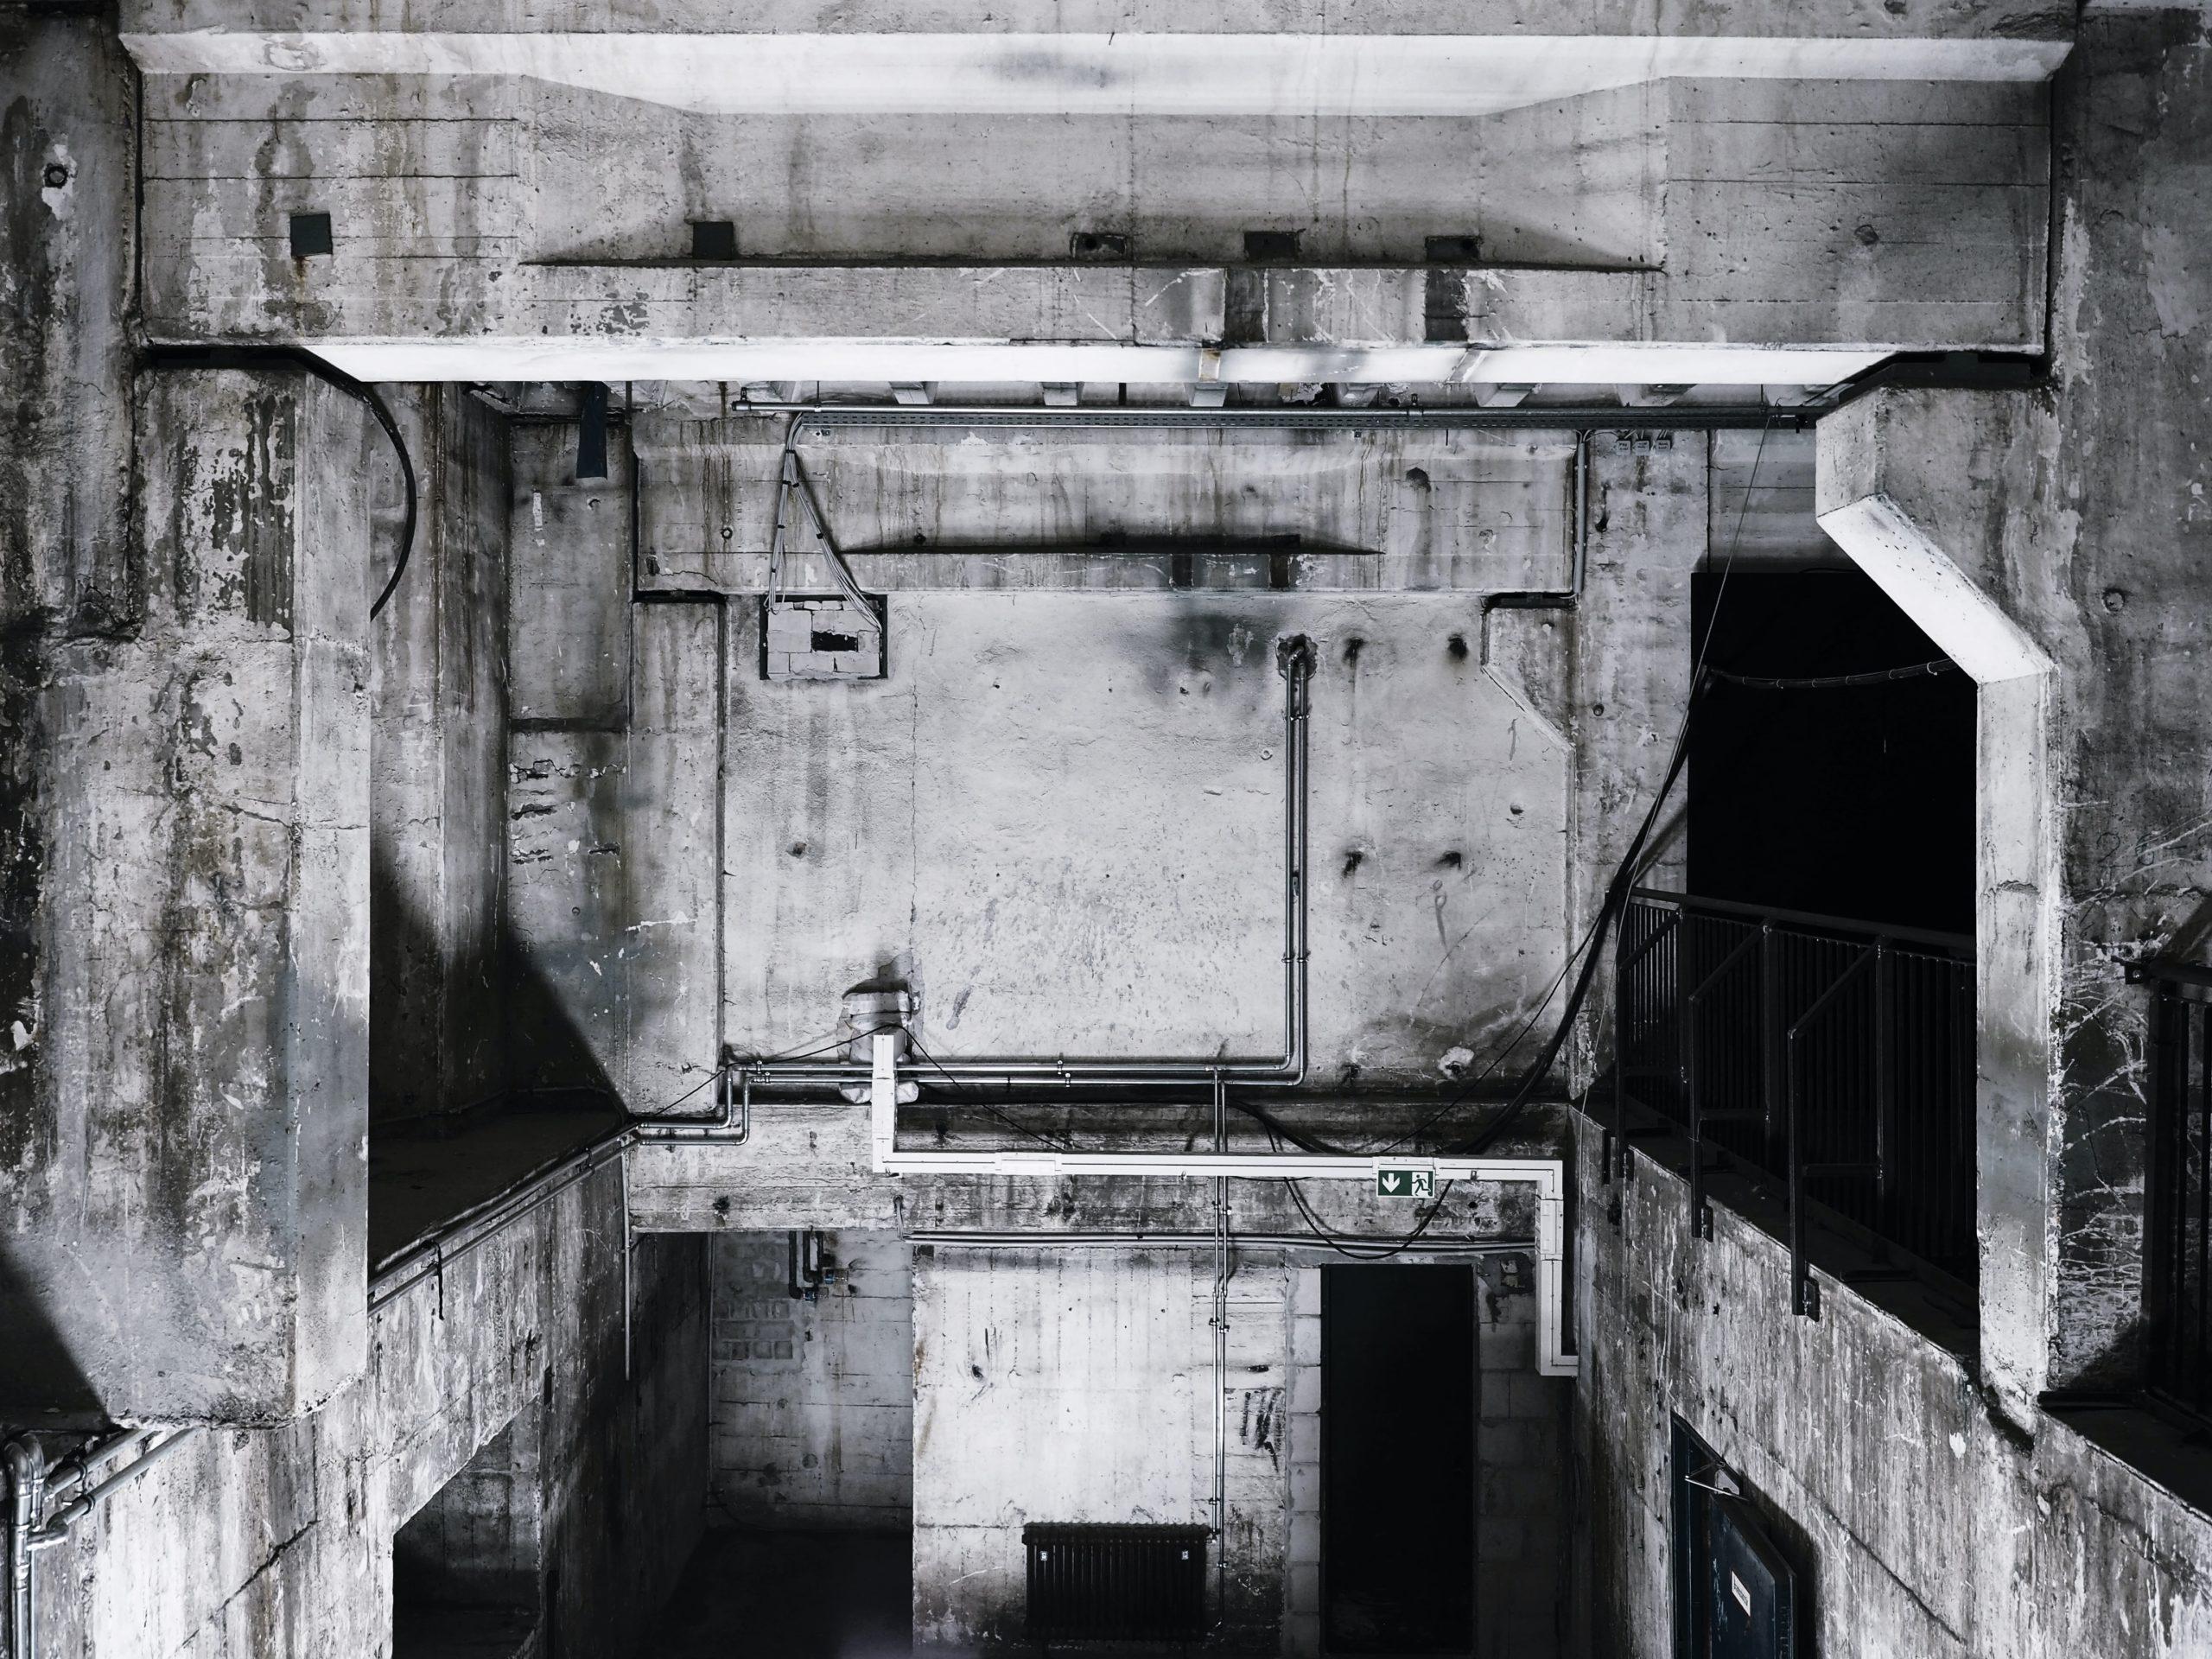 Weiterbetrieb der Atomenergie kein Interesse – RWE sagt ab